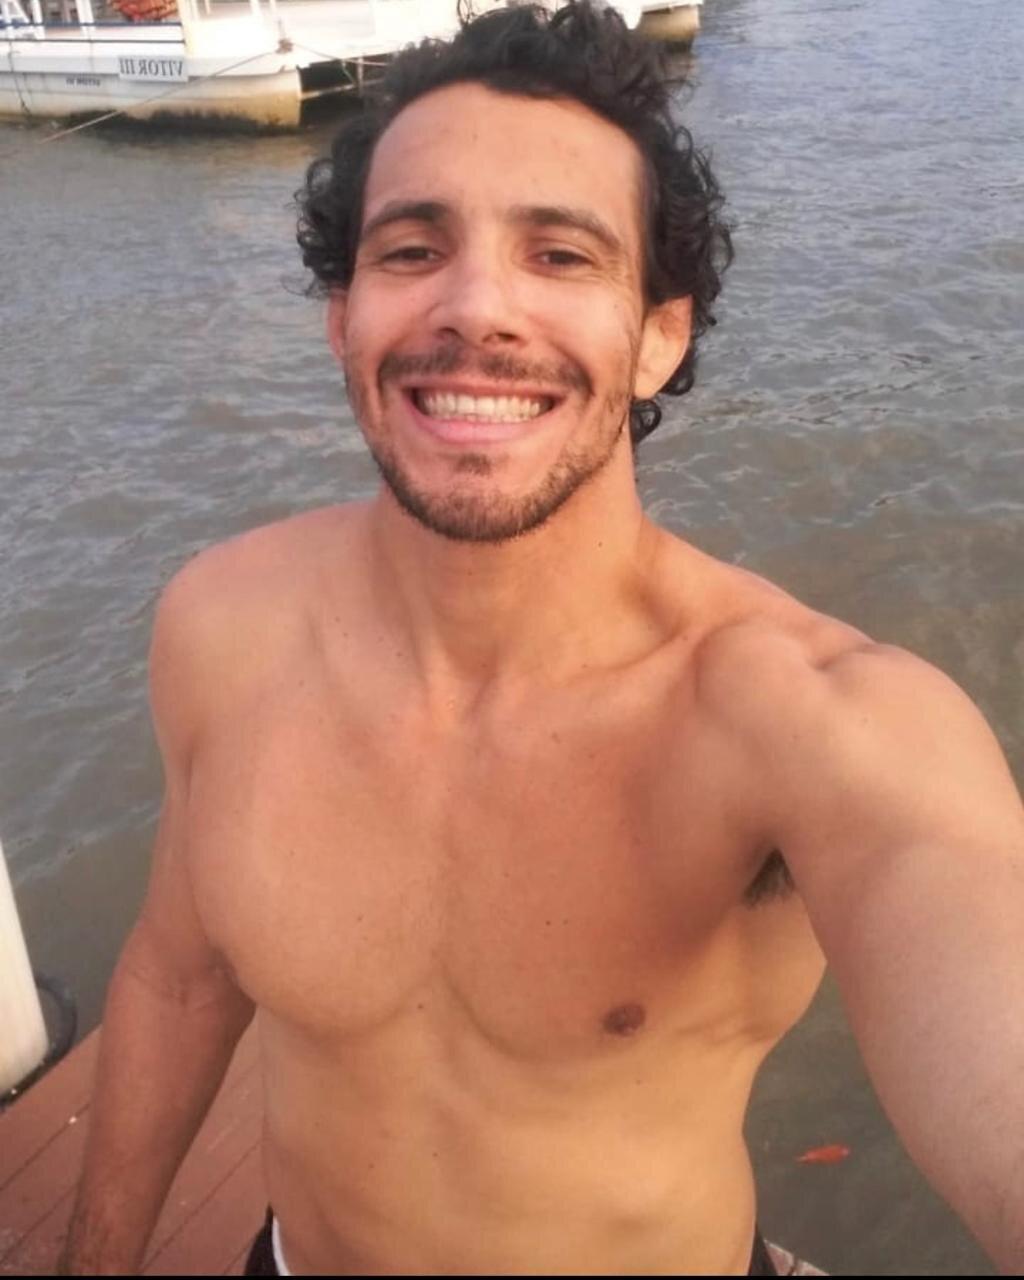 4ad97db9 4eea 4995 a392 58243d4e55bd - Após discussão, militante do PT é assassinado com uma facada no peito na Paraíba